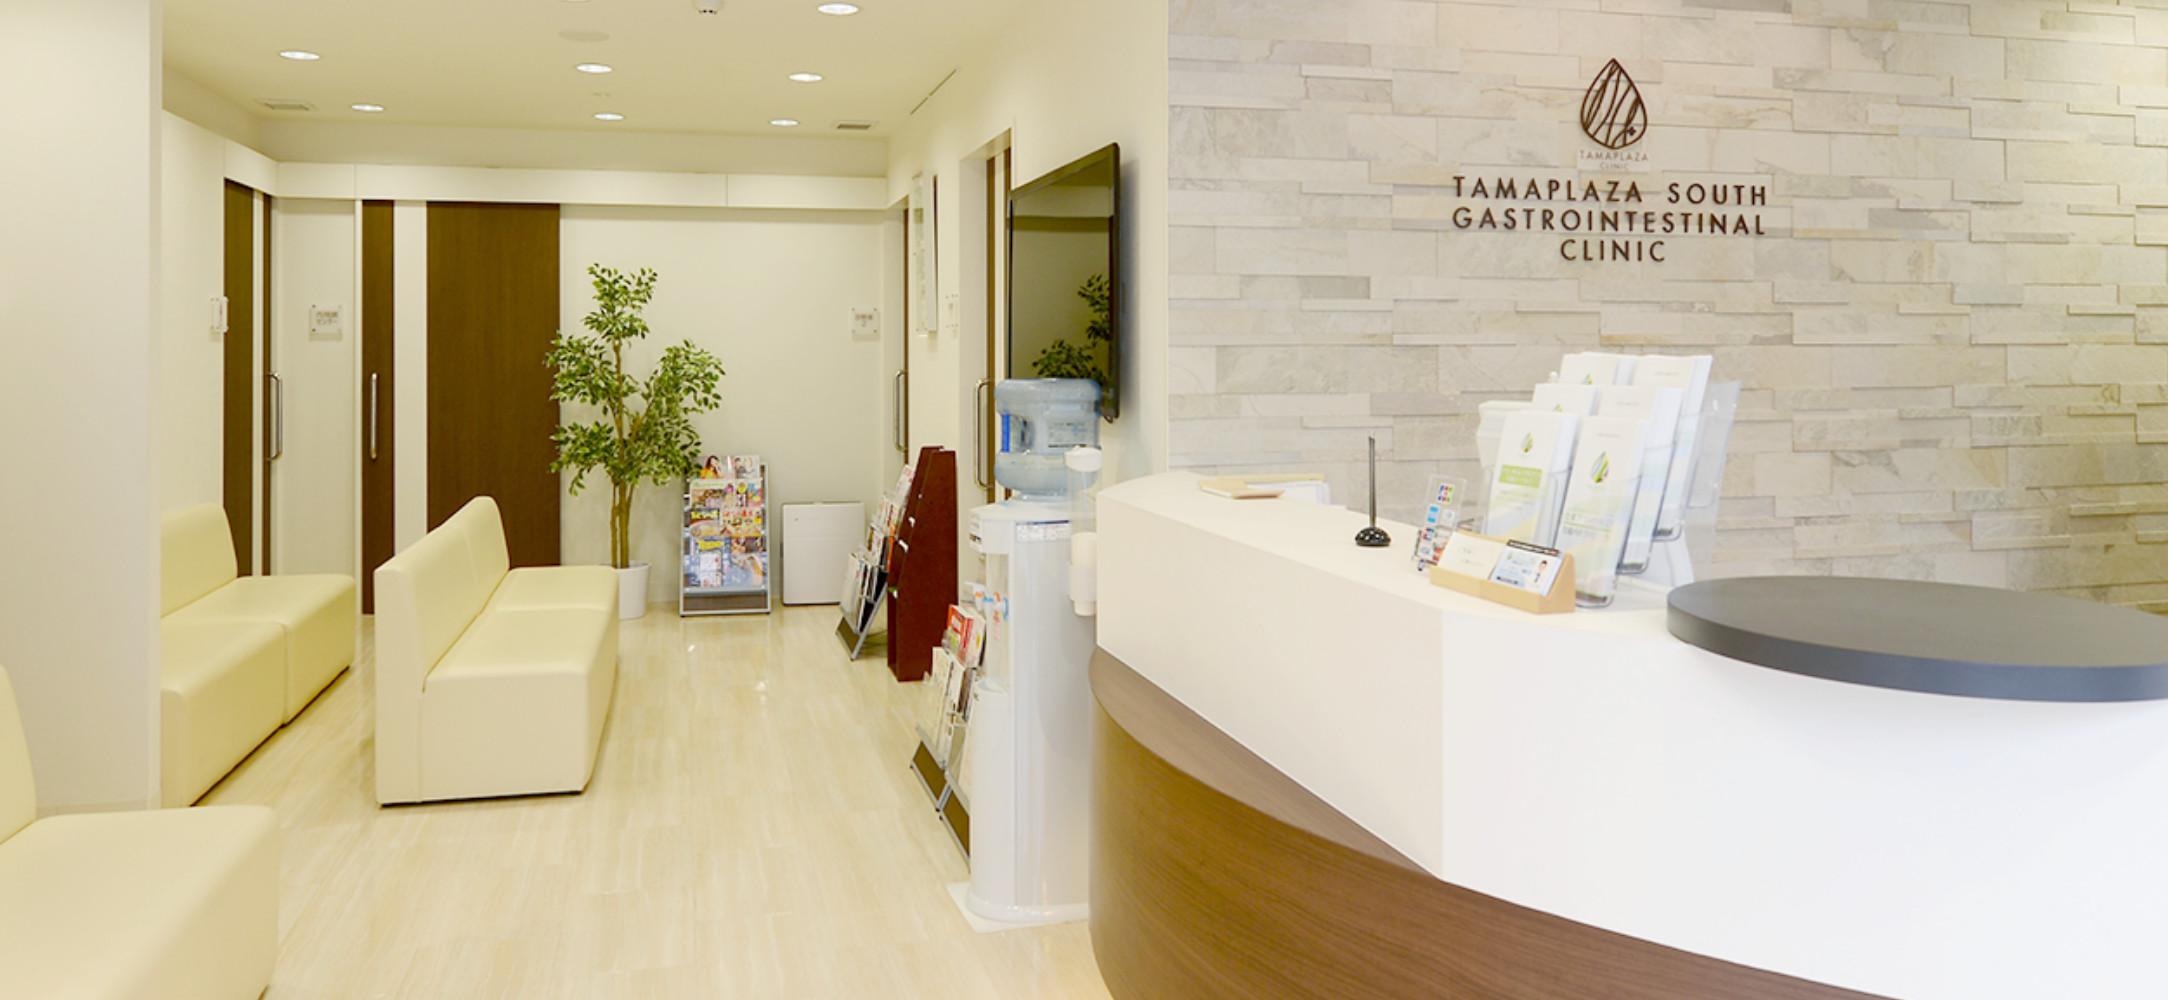 当院は、胃・大腸の内視鏡検査・治療専門のクリニックです